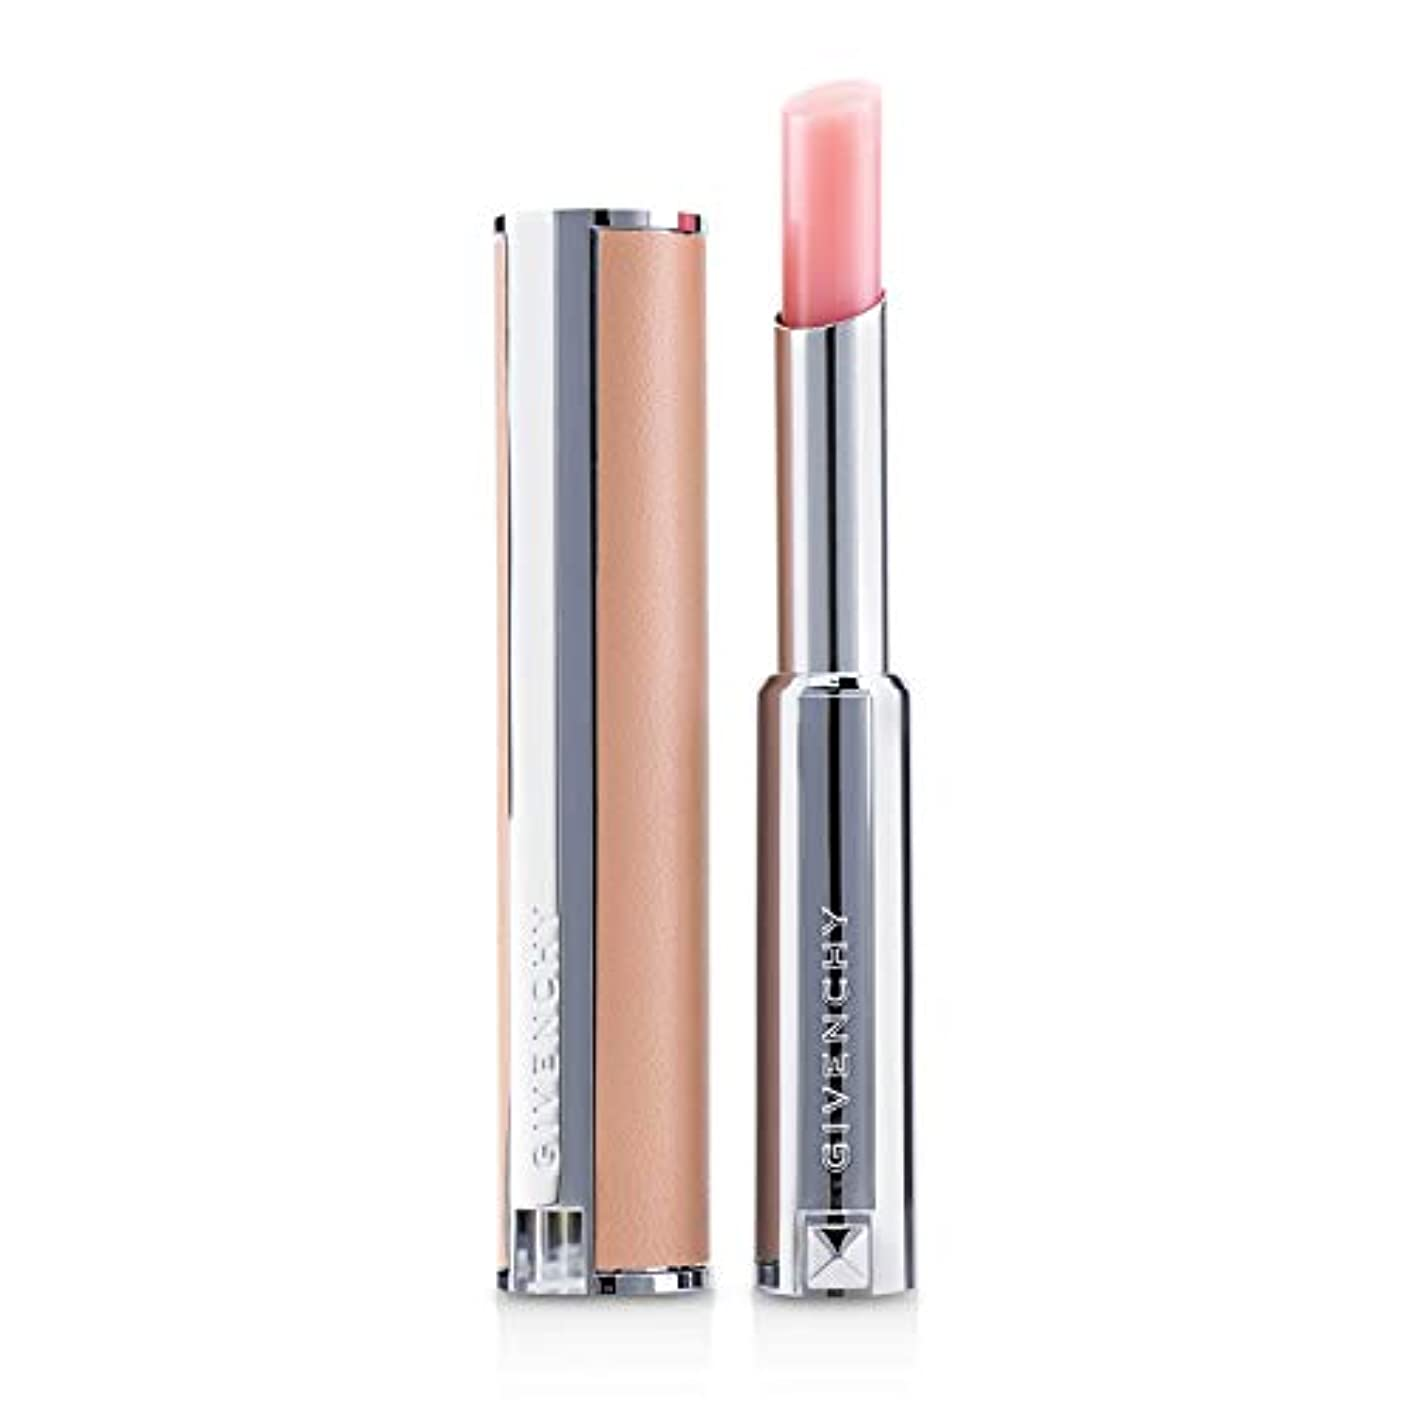 鋼セレナ立ち寄るジバンシィ Le Rose Perfecto Beautifying Lip Balm - # 01 Perfect Pink 2.2g/0.07oz並行輸入品